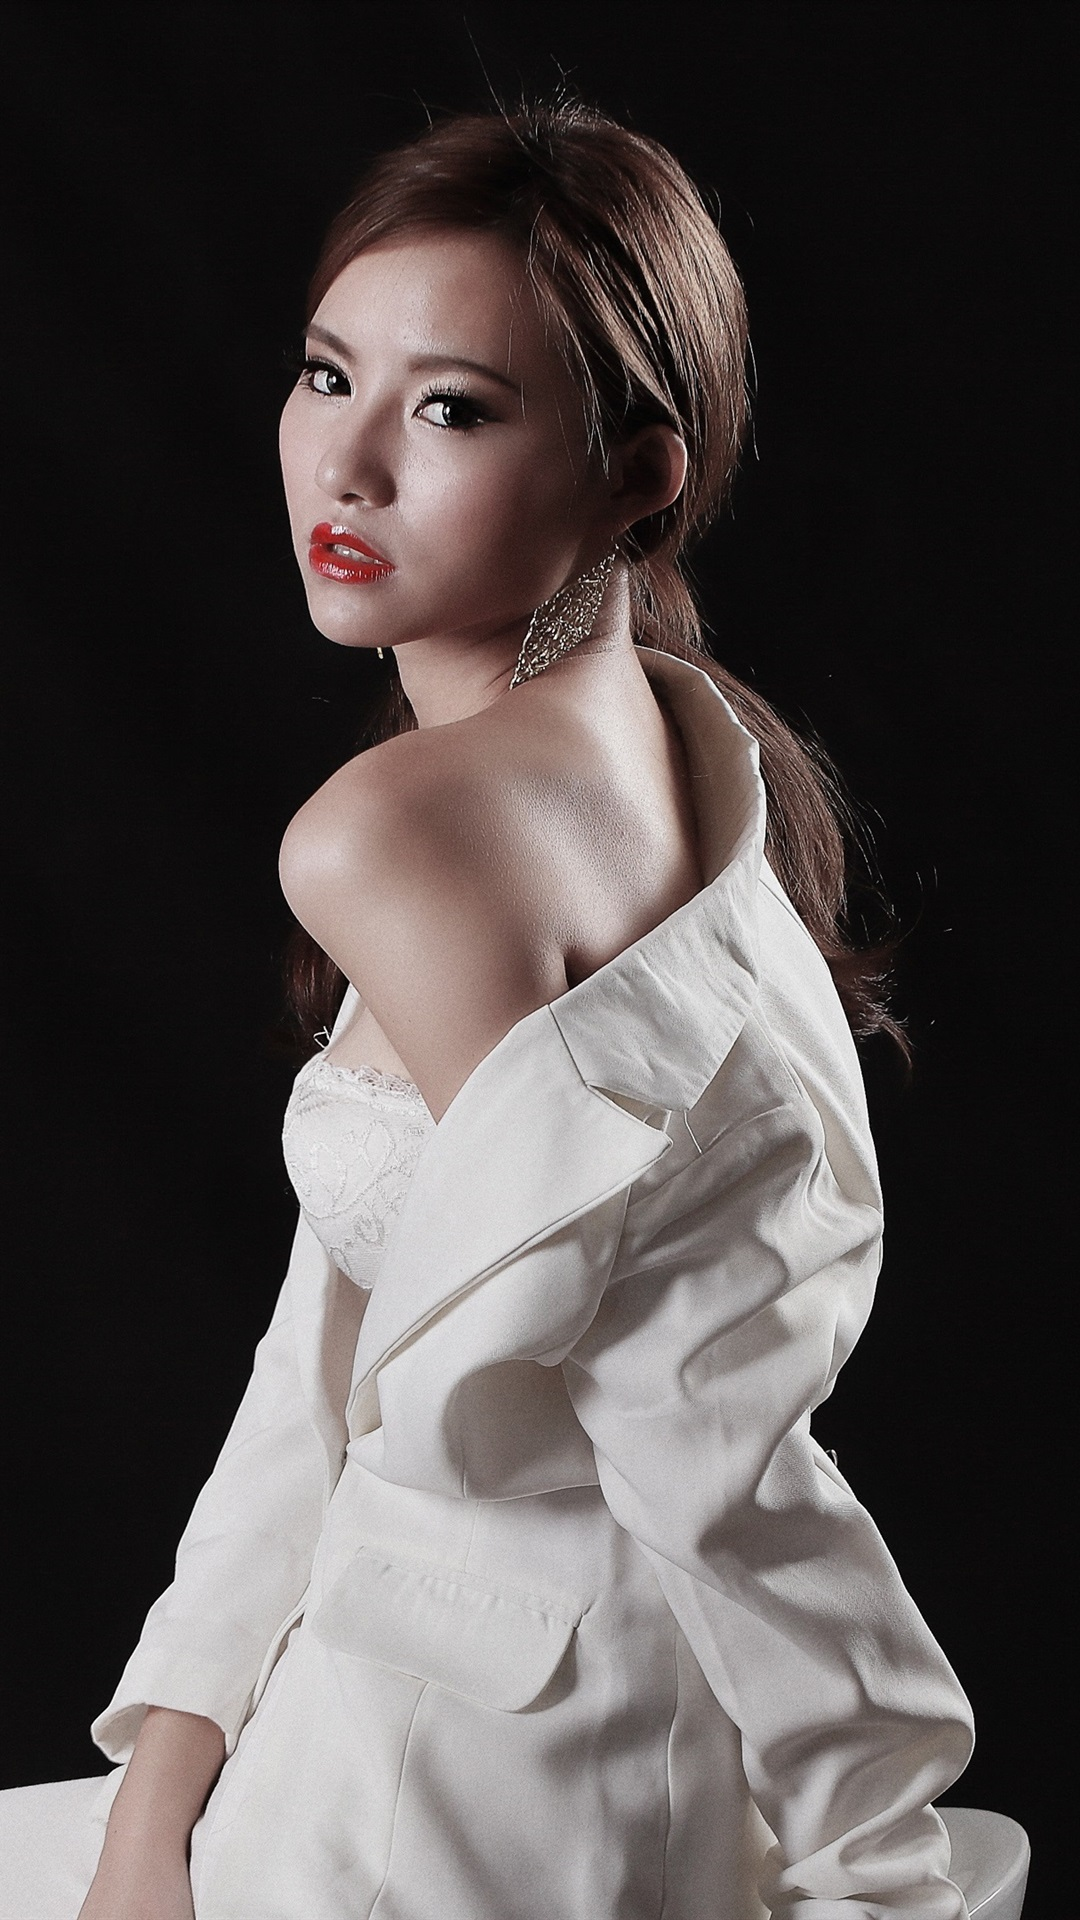 Wallpaper white dress asian girl costume black - Asian girl 4k ...